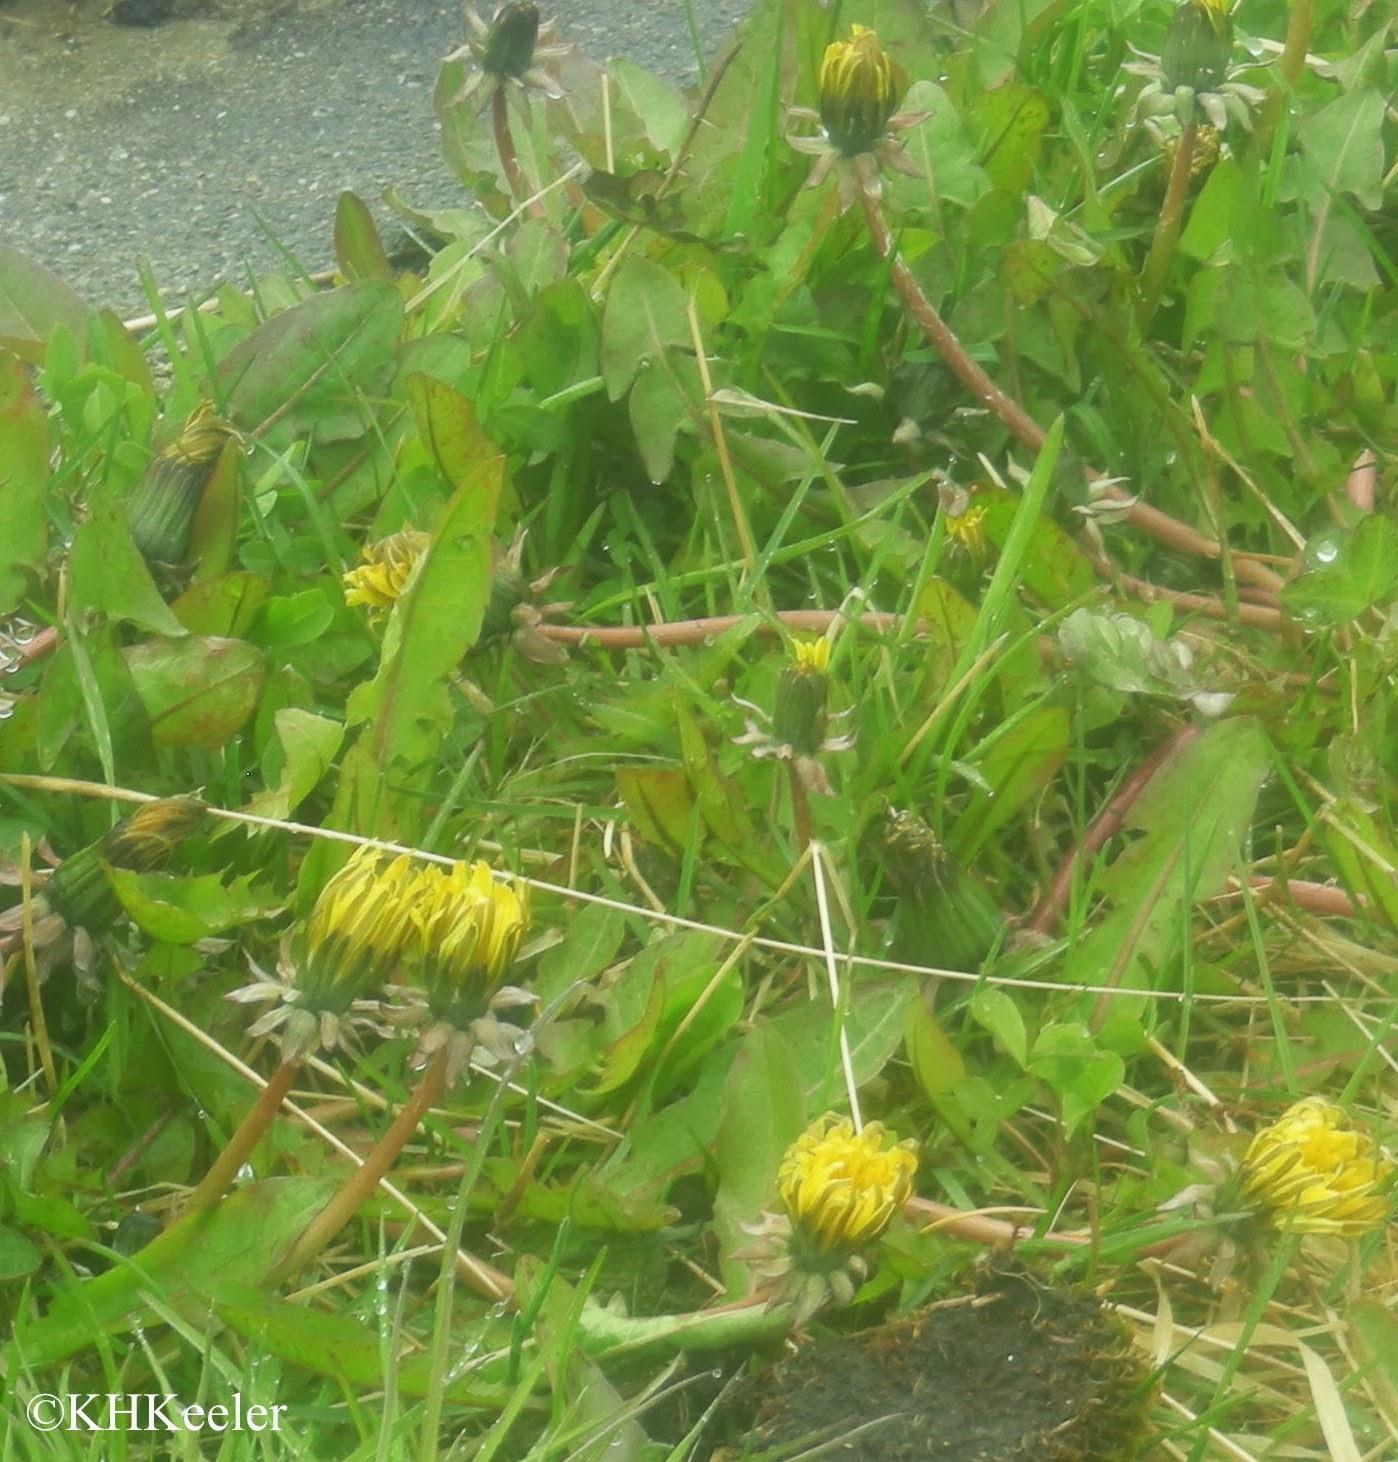 dandelions, Taraxacum officinale in Tierra del Fuego